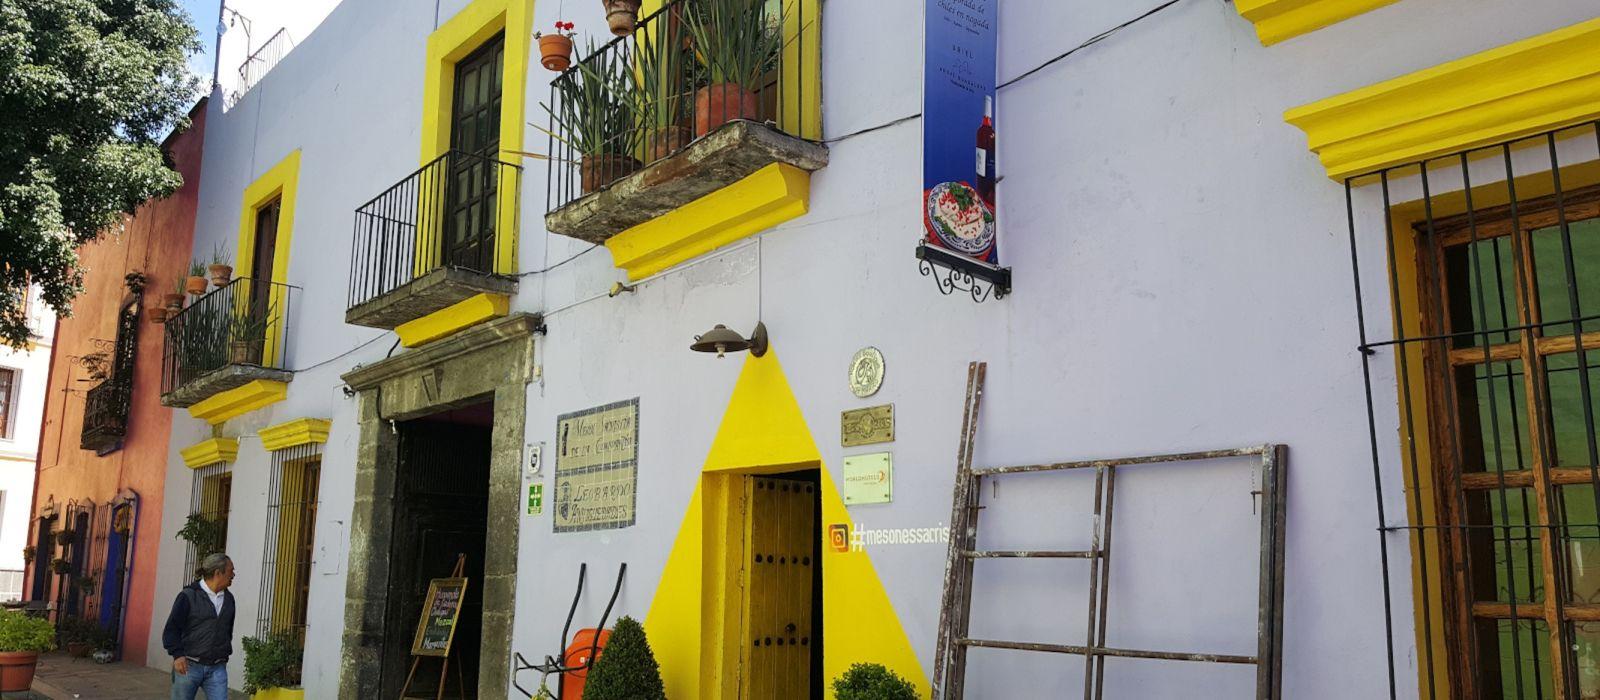 Hotel Meson Sacristia de la Compania Mexiko